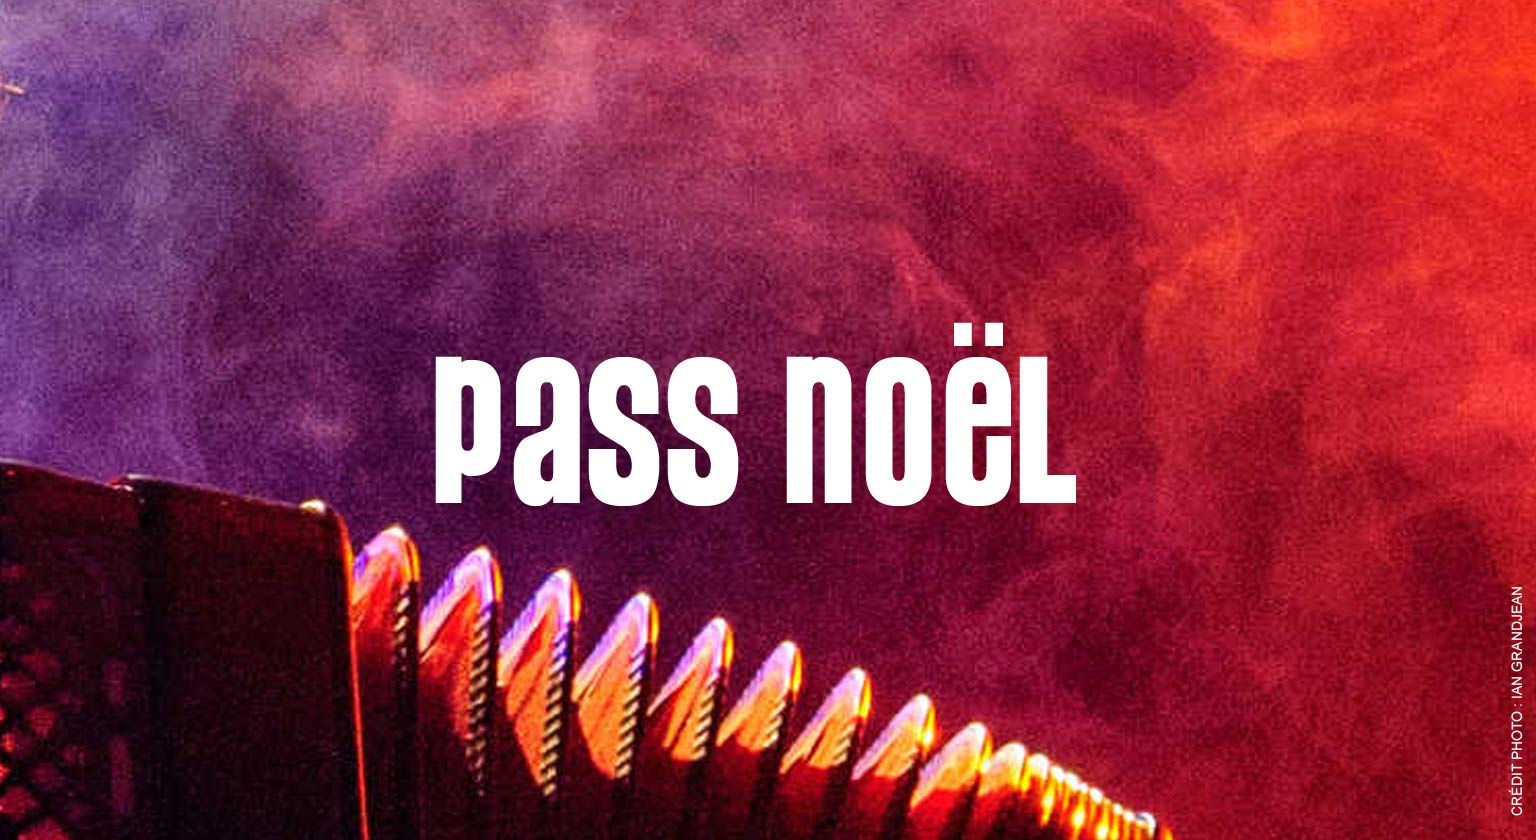 pass-noel